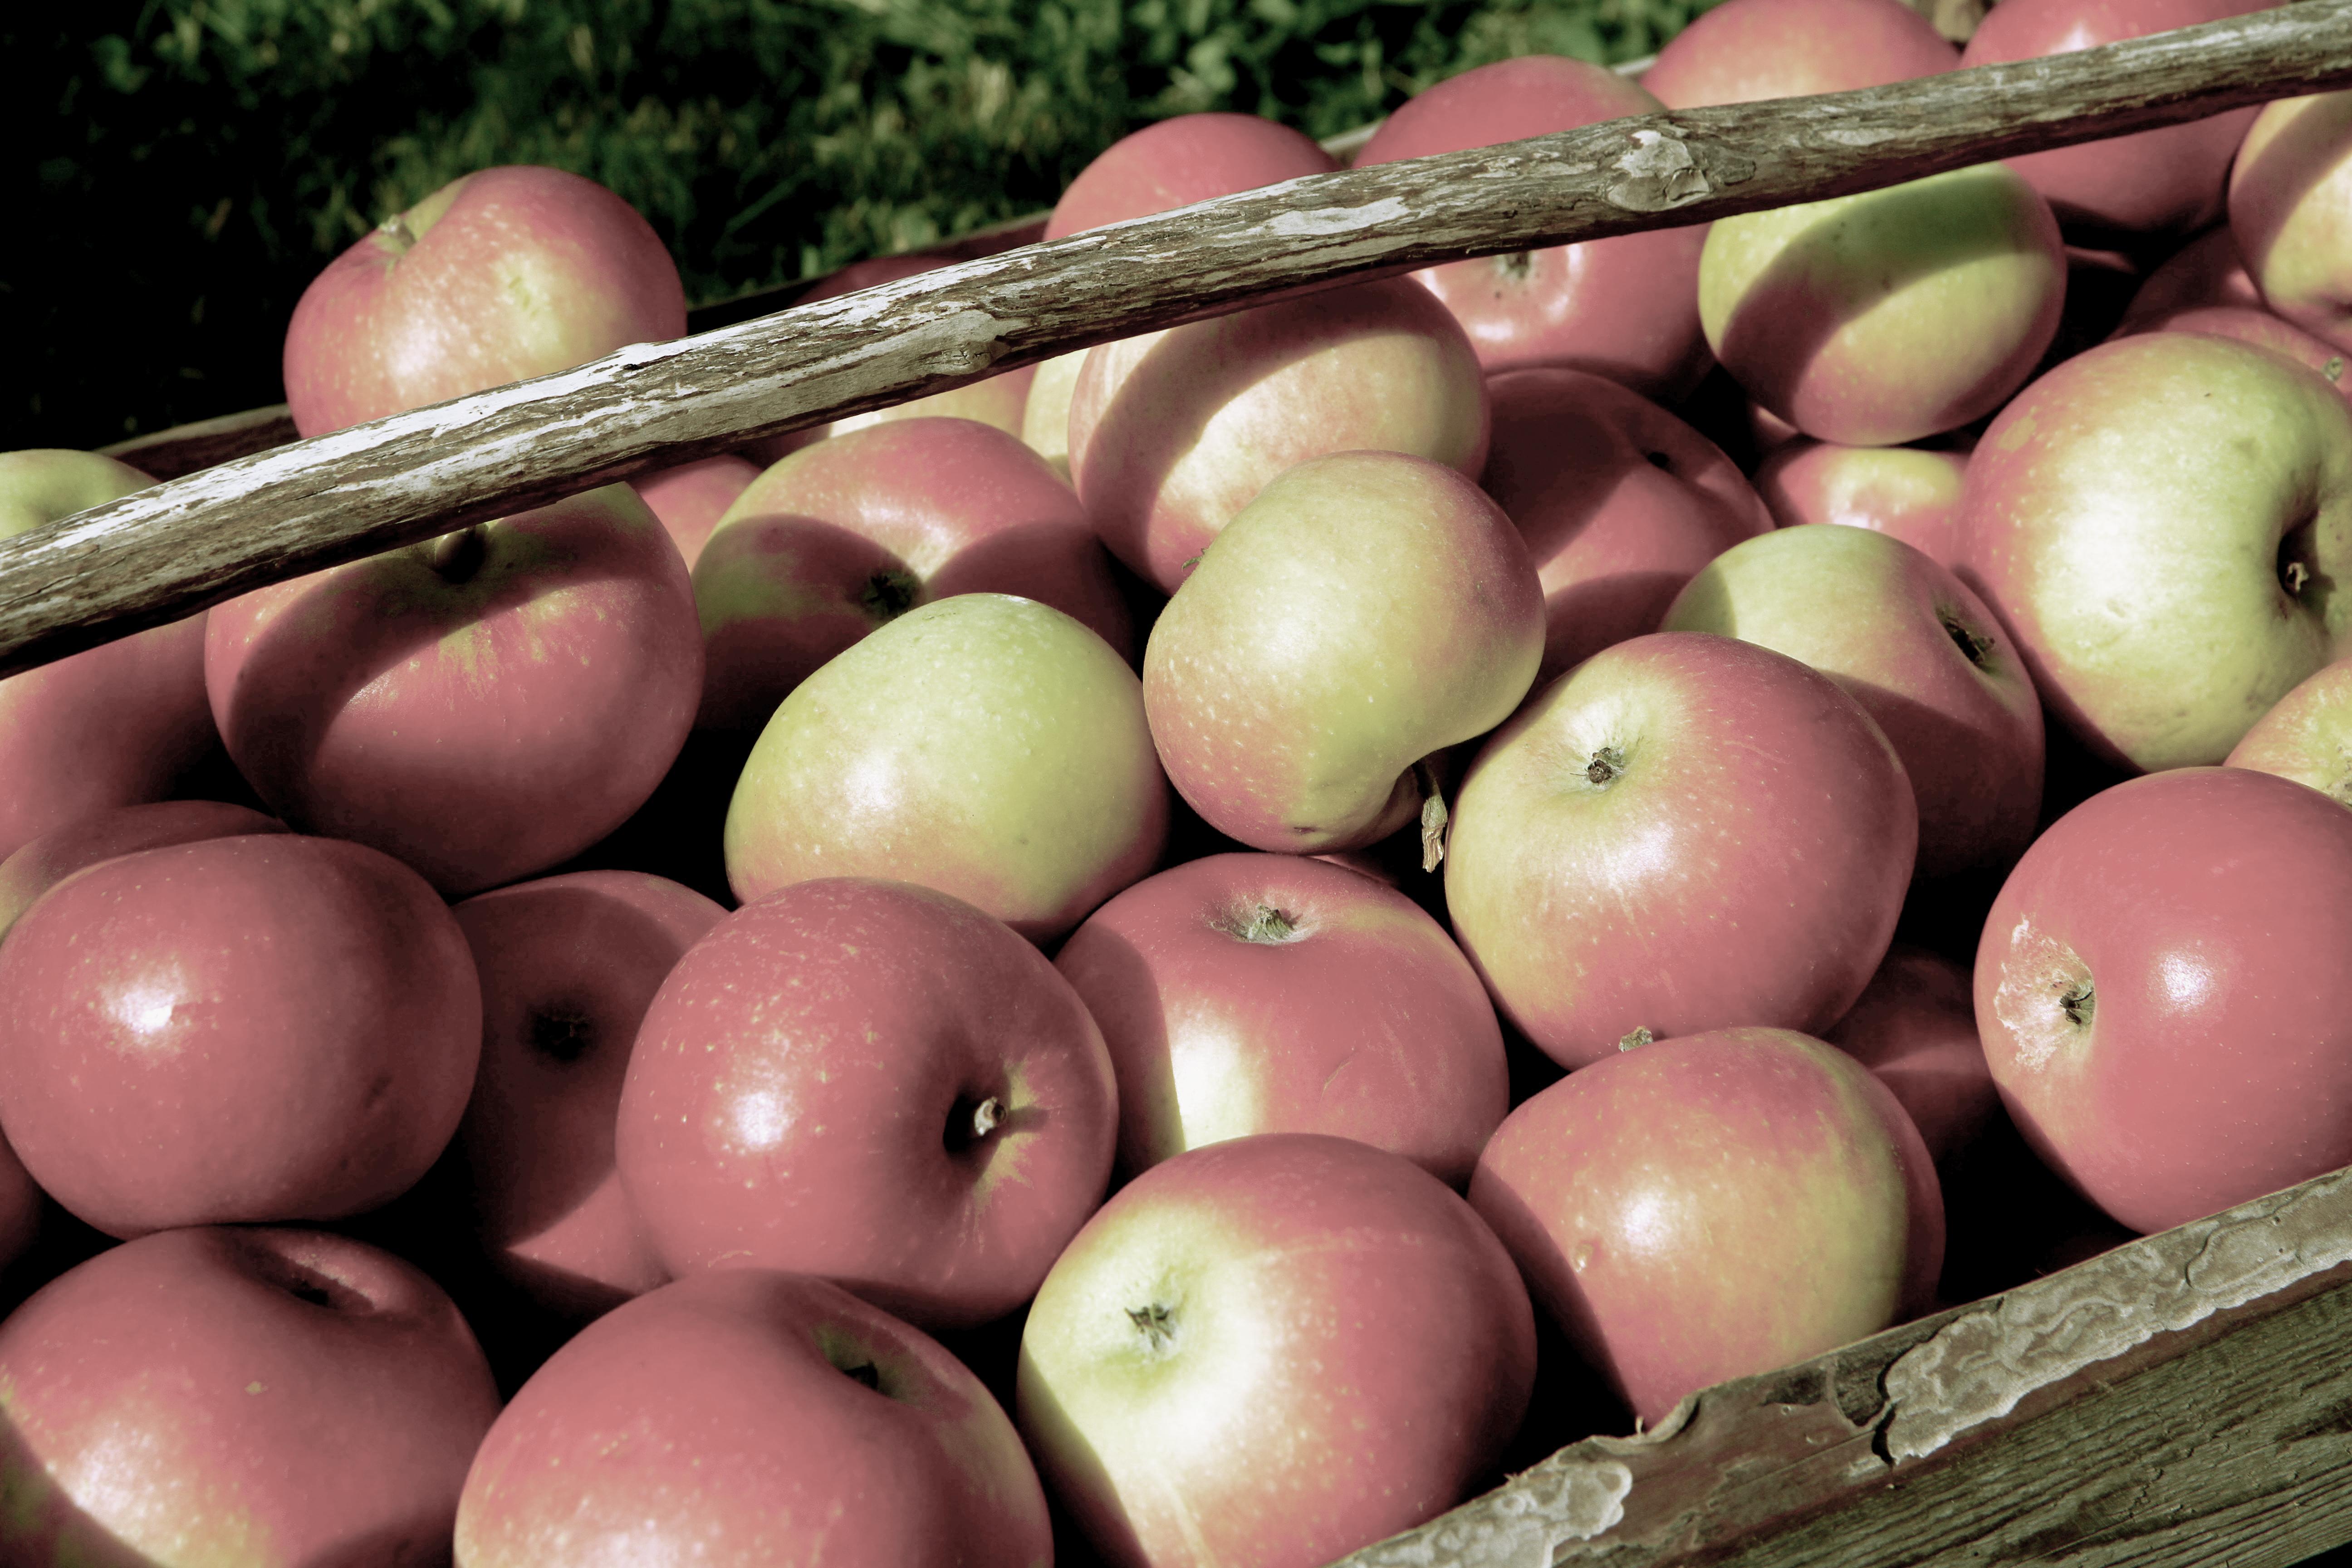 messevegg-nr1-epler-brand-image